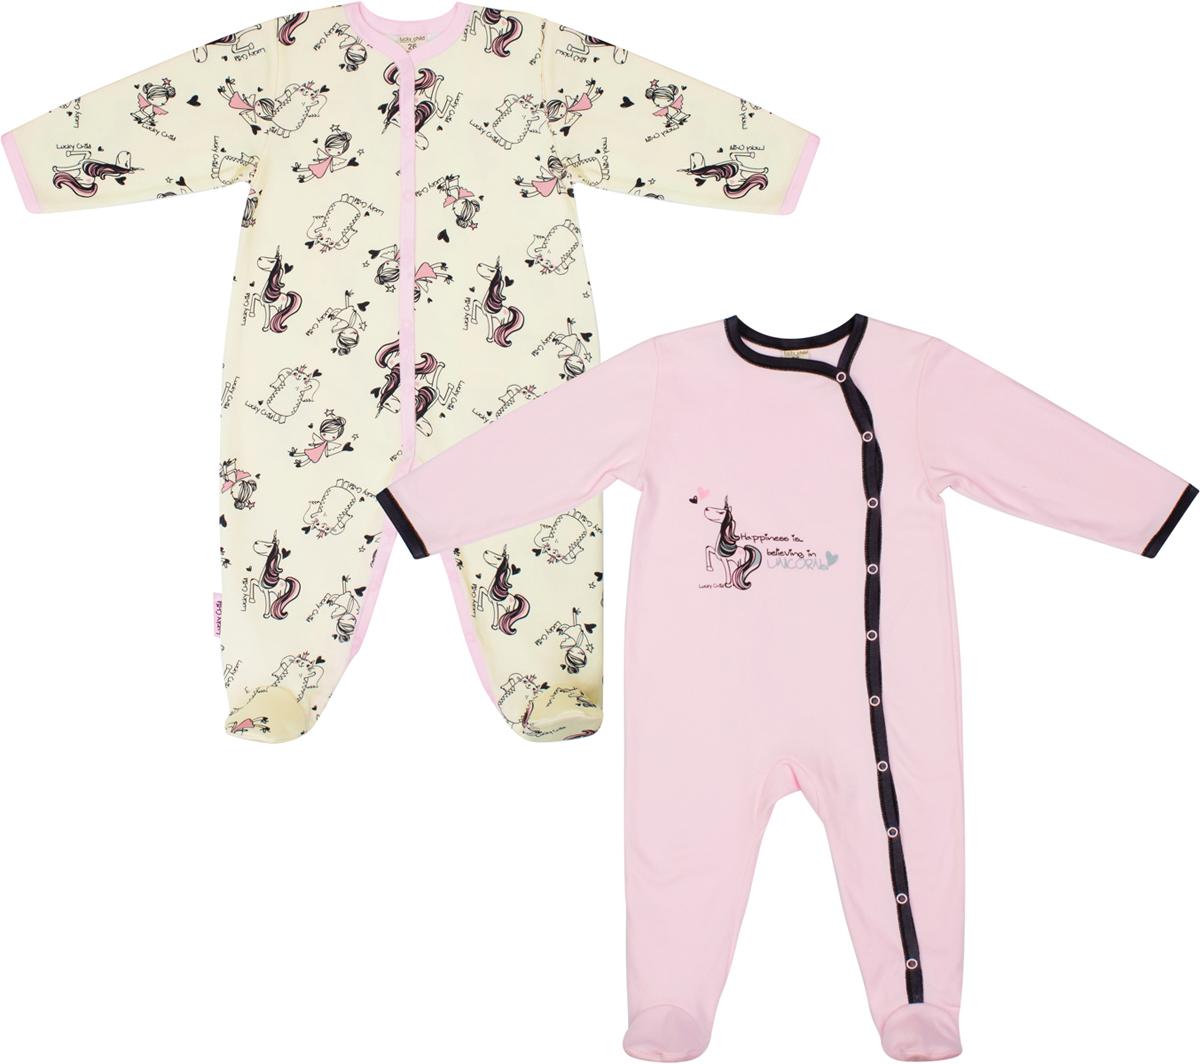 Комбинезон домашний детский Lucky Child, цвет: розовый, бежевый, 2шт. 30-191-1. Размер 62/6830-191-1/2штДетский комбинезон Lucky Child - очень удобный и практичный вид одежды для малышей. Комбинезон выполнен из натурального хлопка, благодаря чему он необычайно мягкий и приятный на ощупь, не раздражают нежную кожу ребенка и хорошо вентилируются, а эластичные швы приятны телу малыша и не препятствуют его движениям. Комбинезон с длинными рукавами и закрытыми ножками имеет застежки-кнопки от горловины до щиколоток, которые помогают легко переодеть младенца или сменить подгузник. В комплект входит два комбинезона разных цветов с принтом.